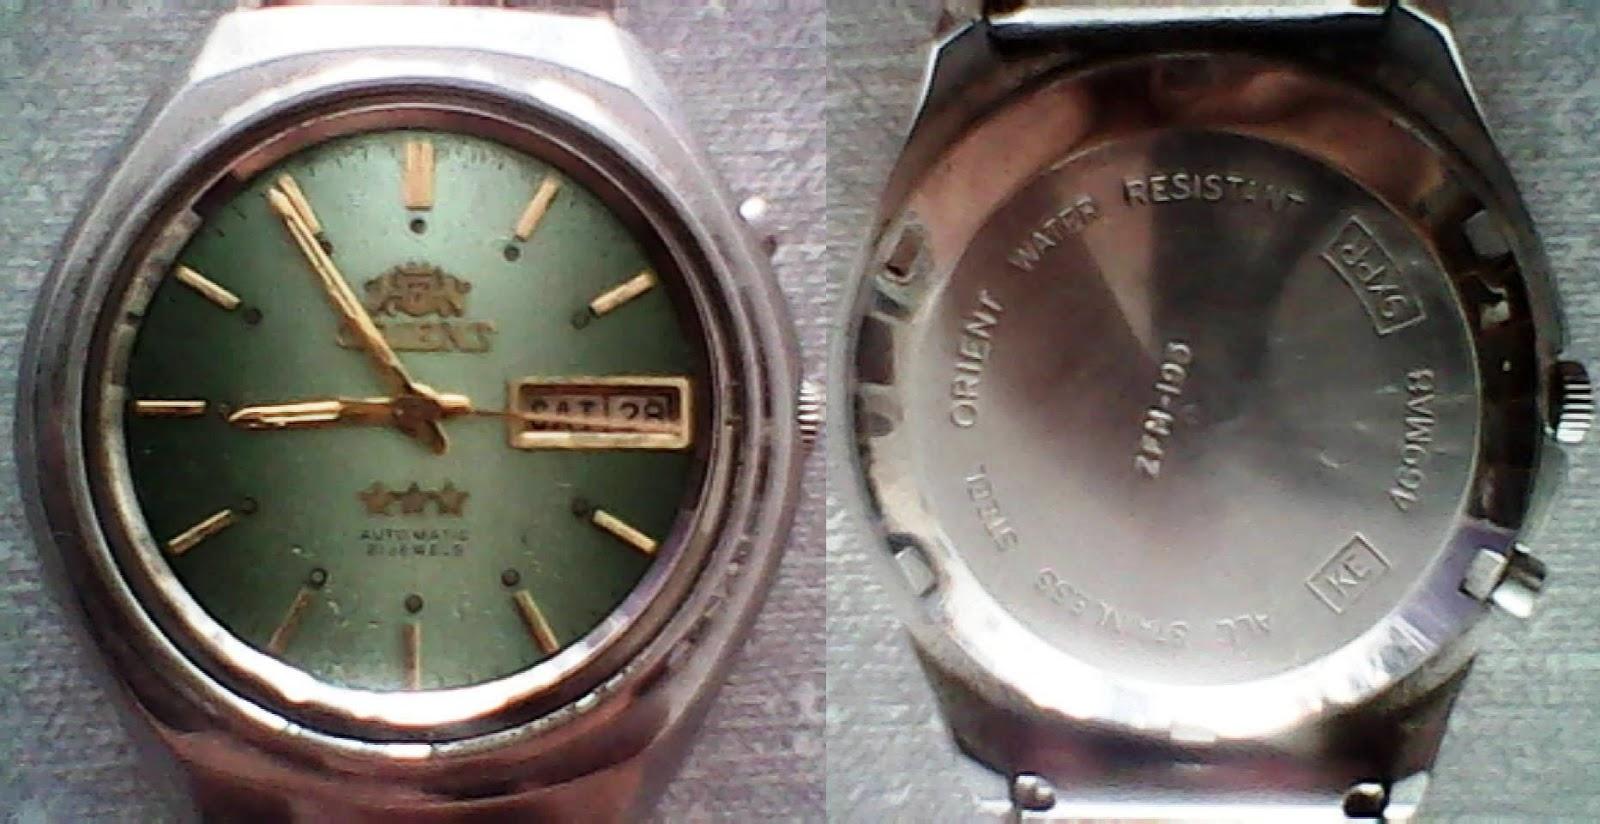 90e4f438a47 Existem algumas diferenças entre os relógios da marca Orient modelo  automatico antigos e modernos